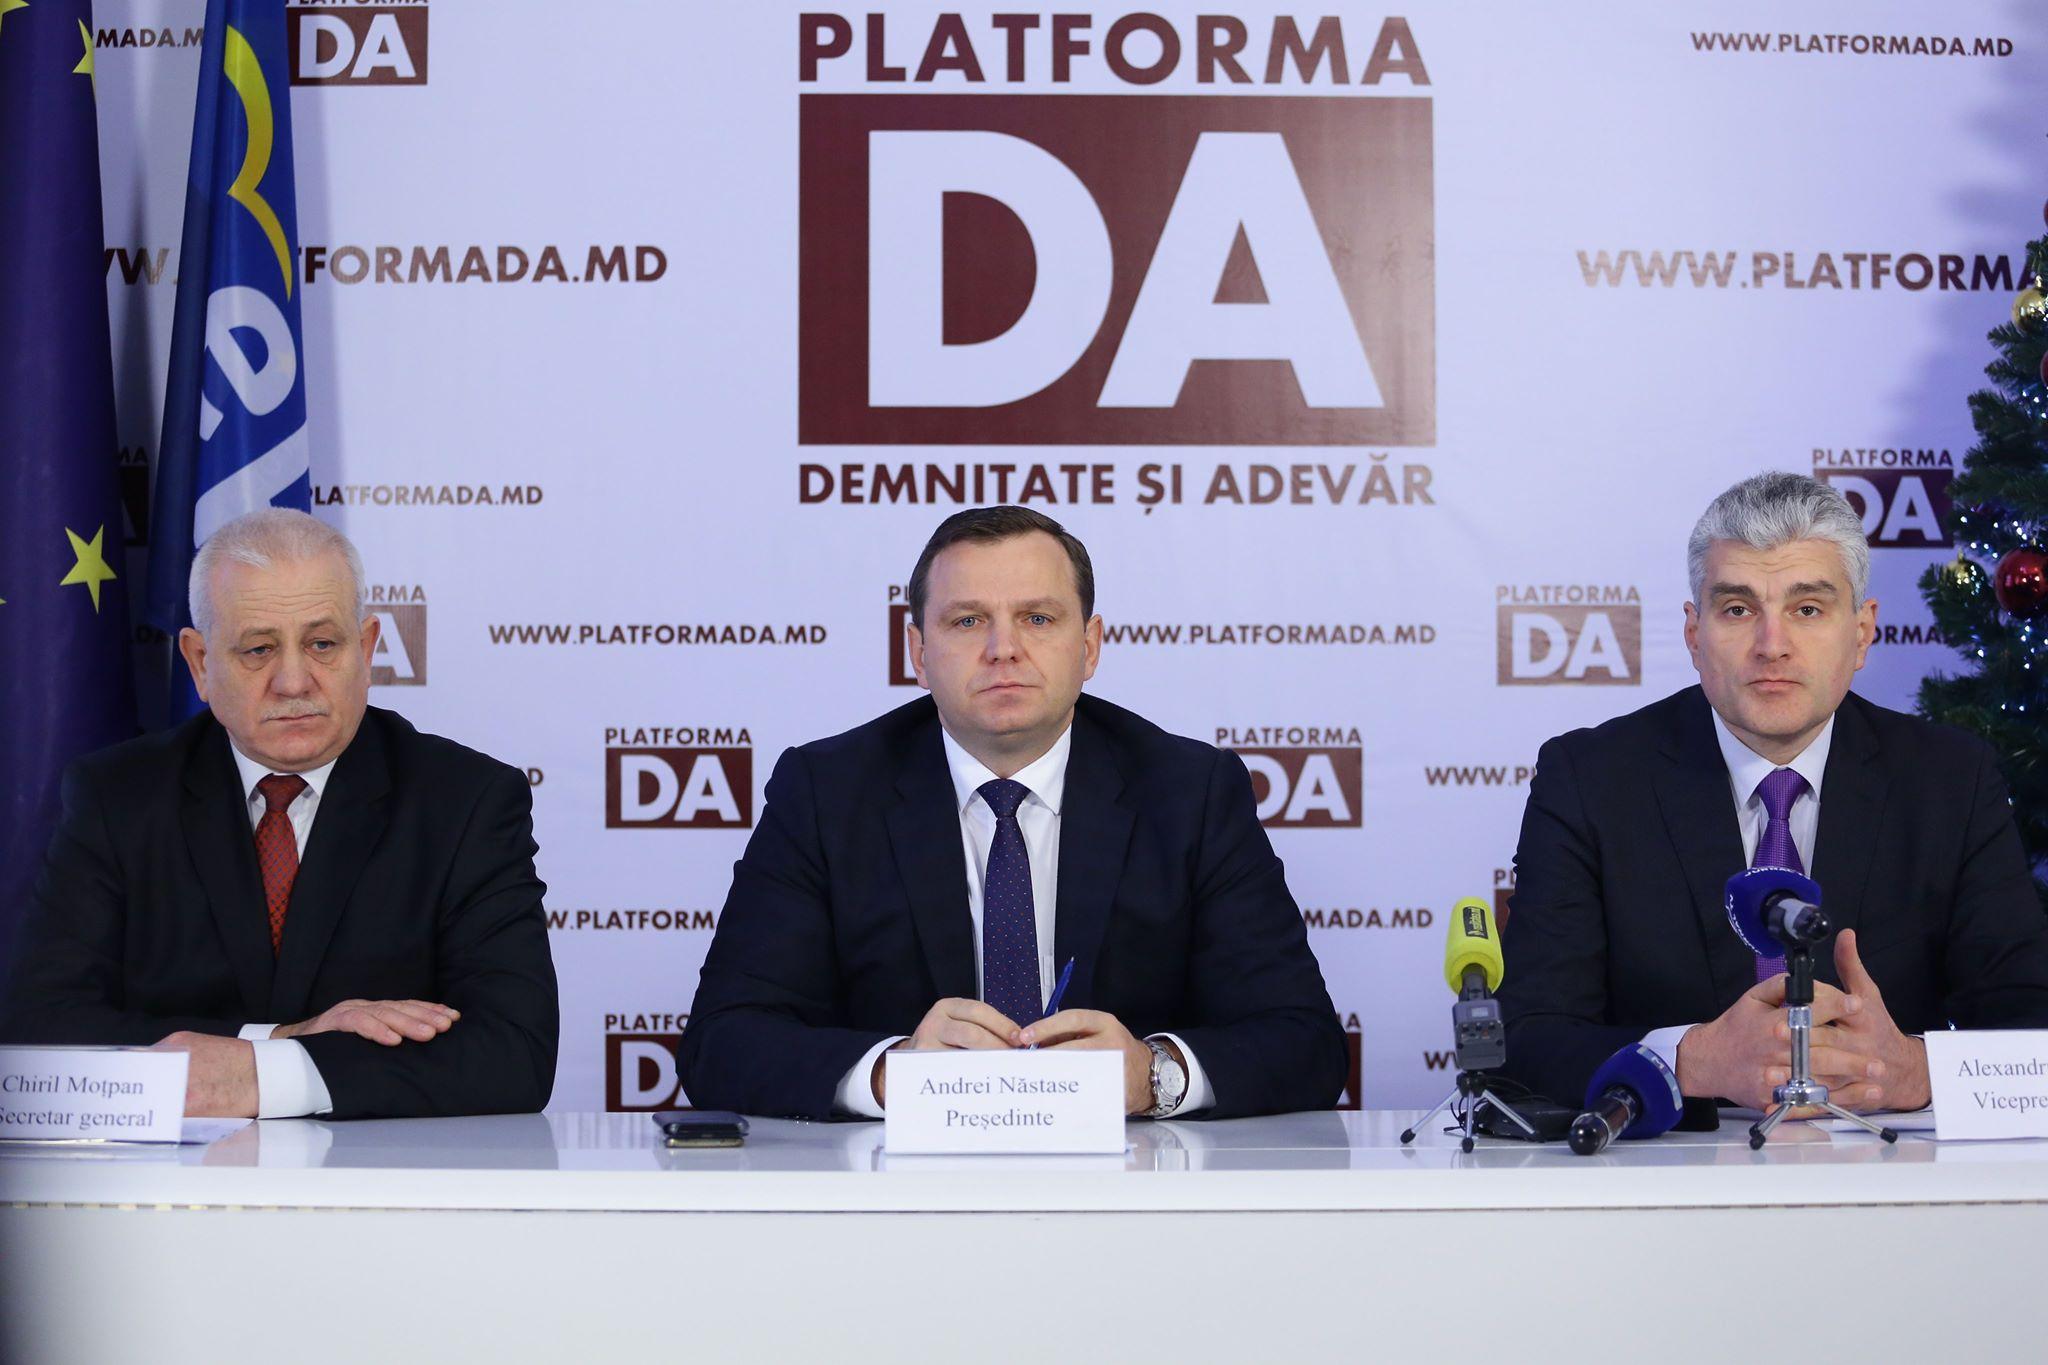 Platforma DA:  Majoritatea piețelor angro de produse agricole sunt monopolizate de către companii apropiate cercului oligarhic